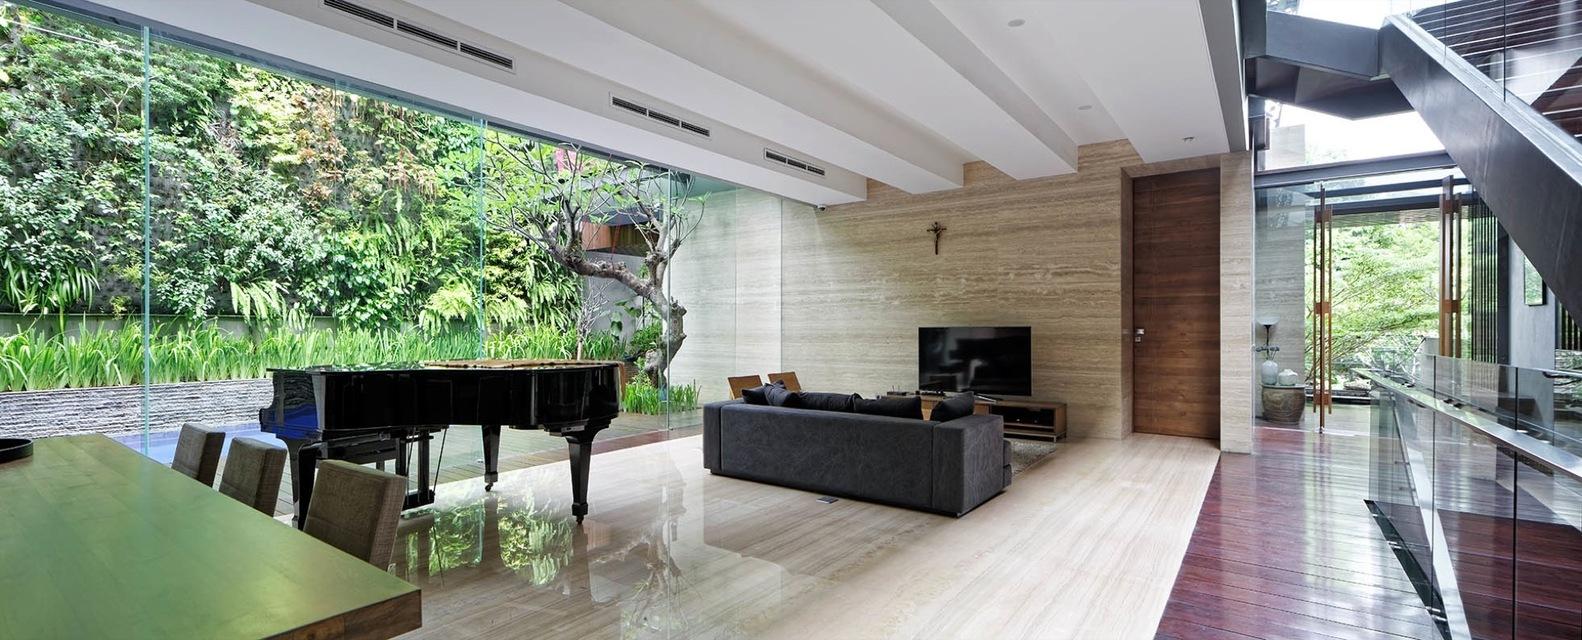 Nhà đẹp nước ngoài - Ben House - 5